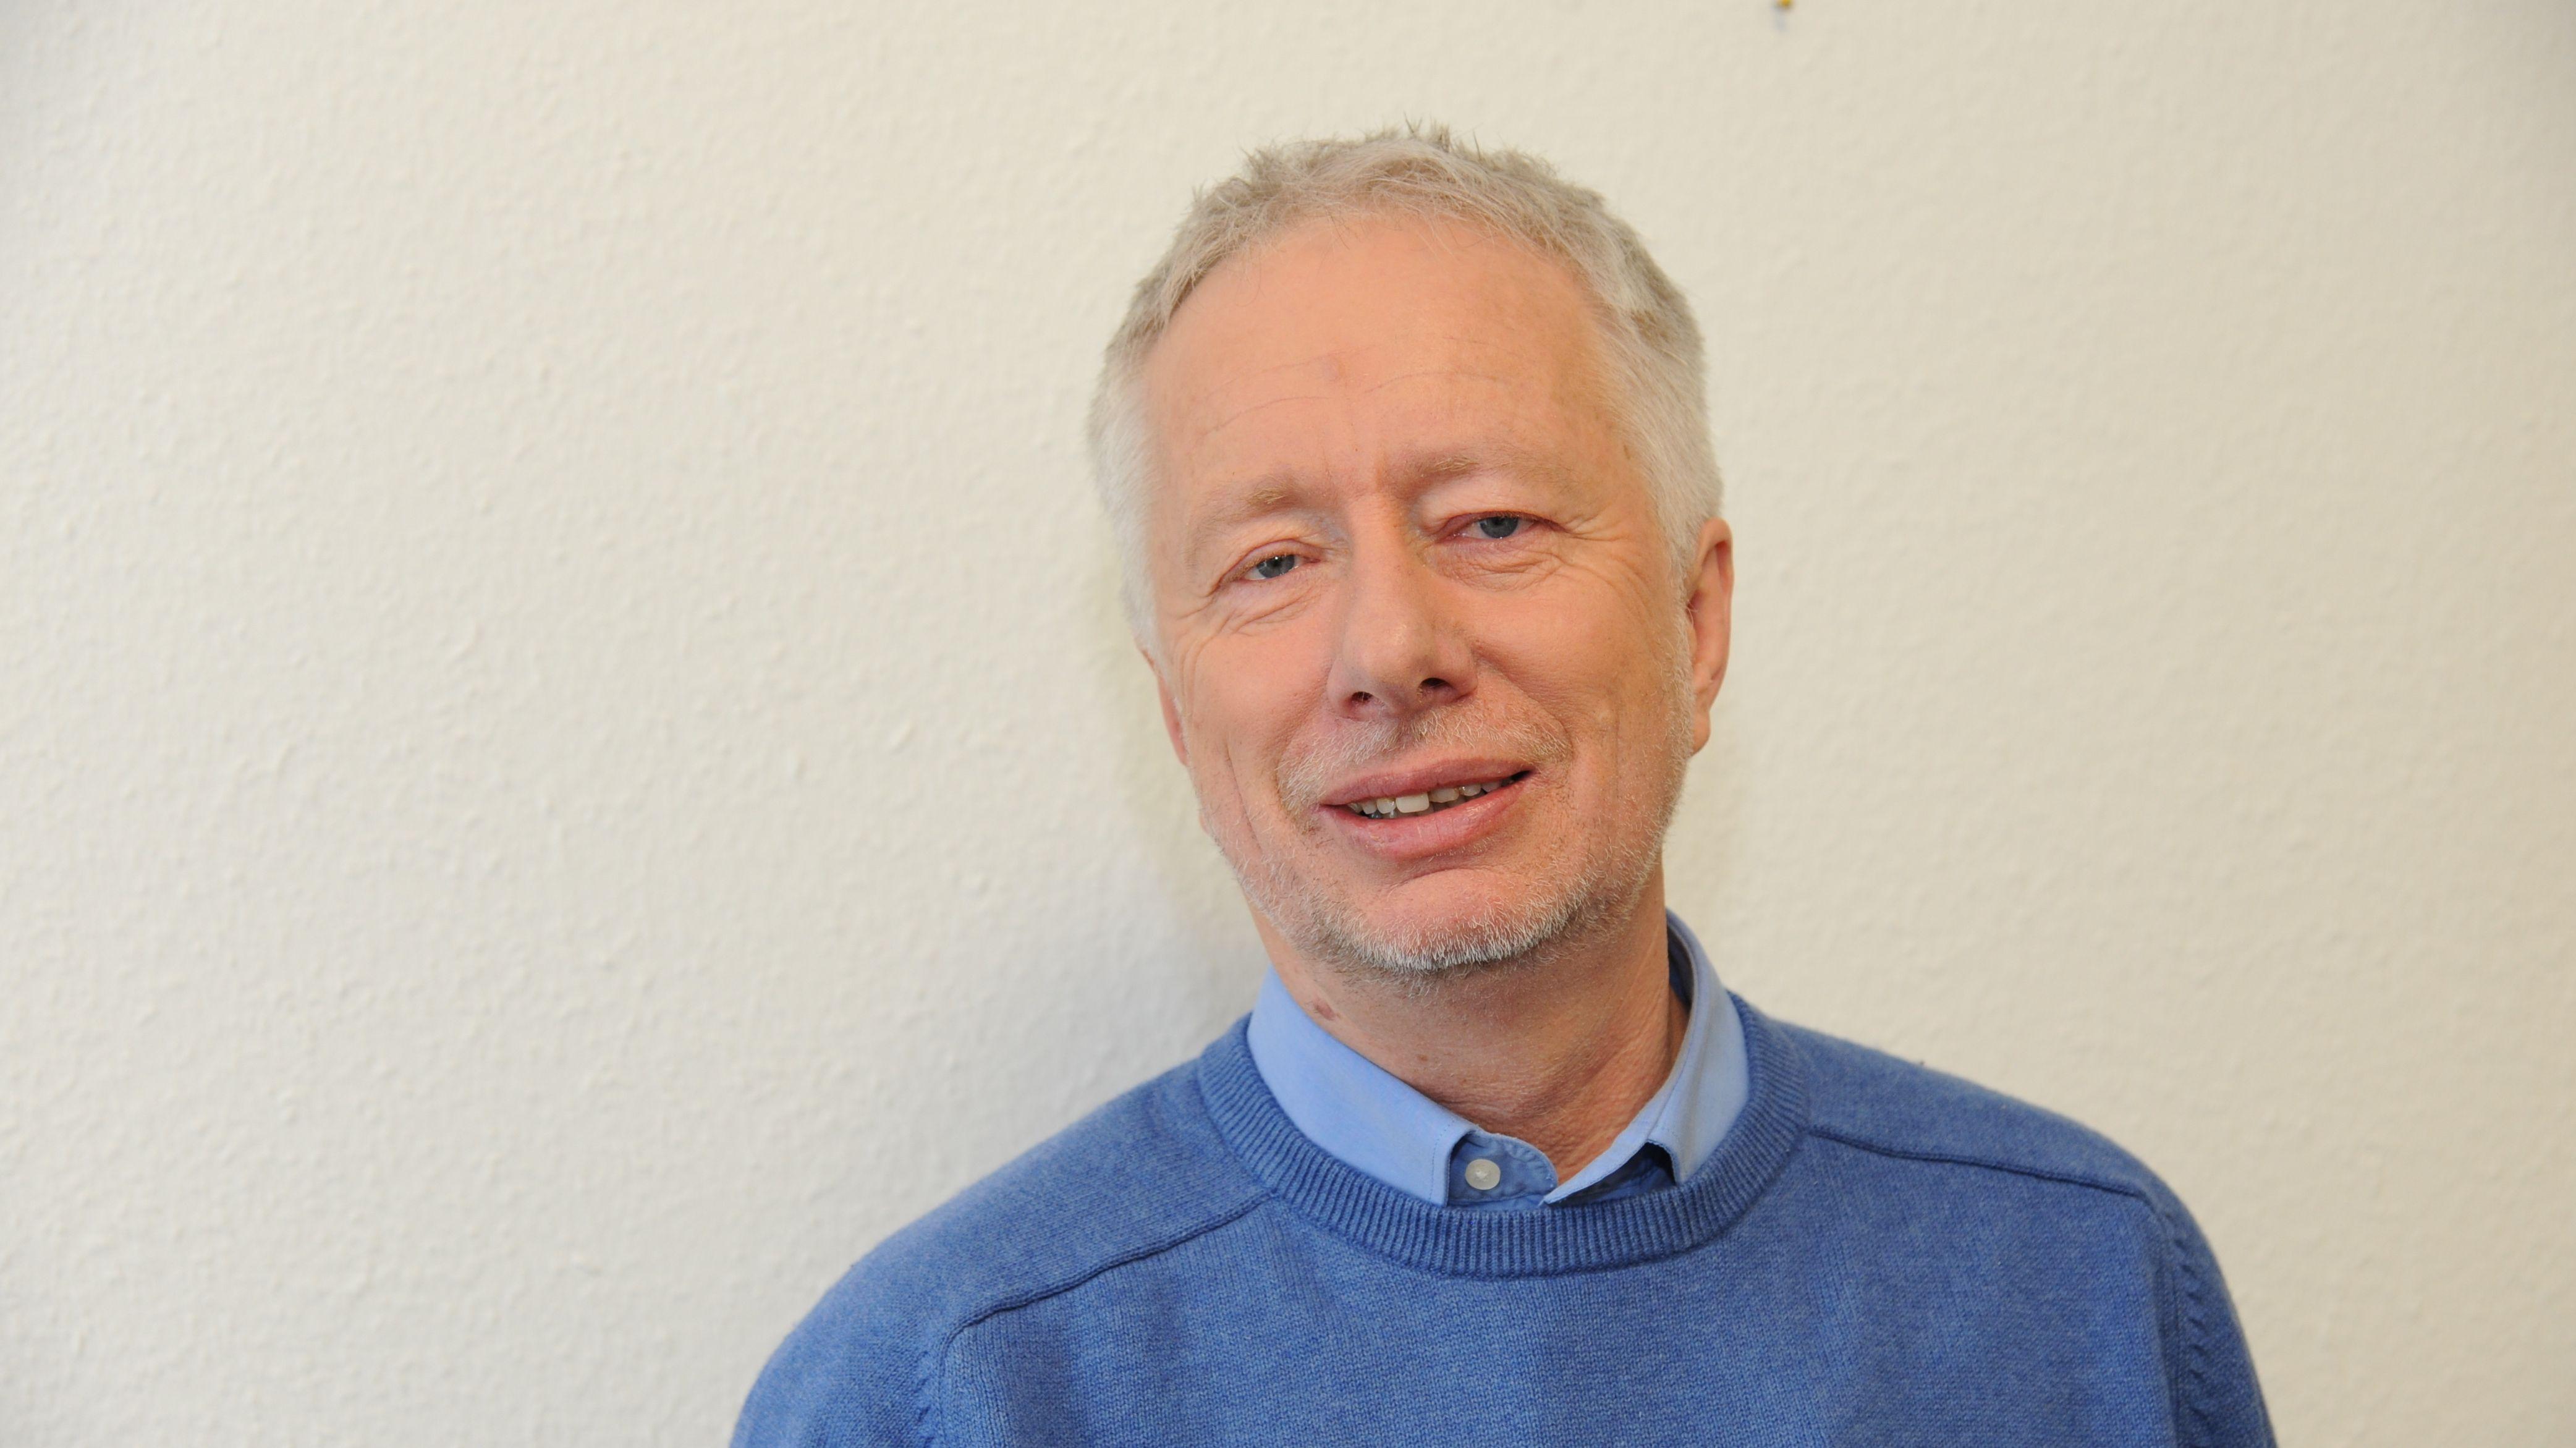 Sozialpädagoge, Pflege-Experte und Autor Claus Fussek